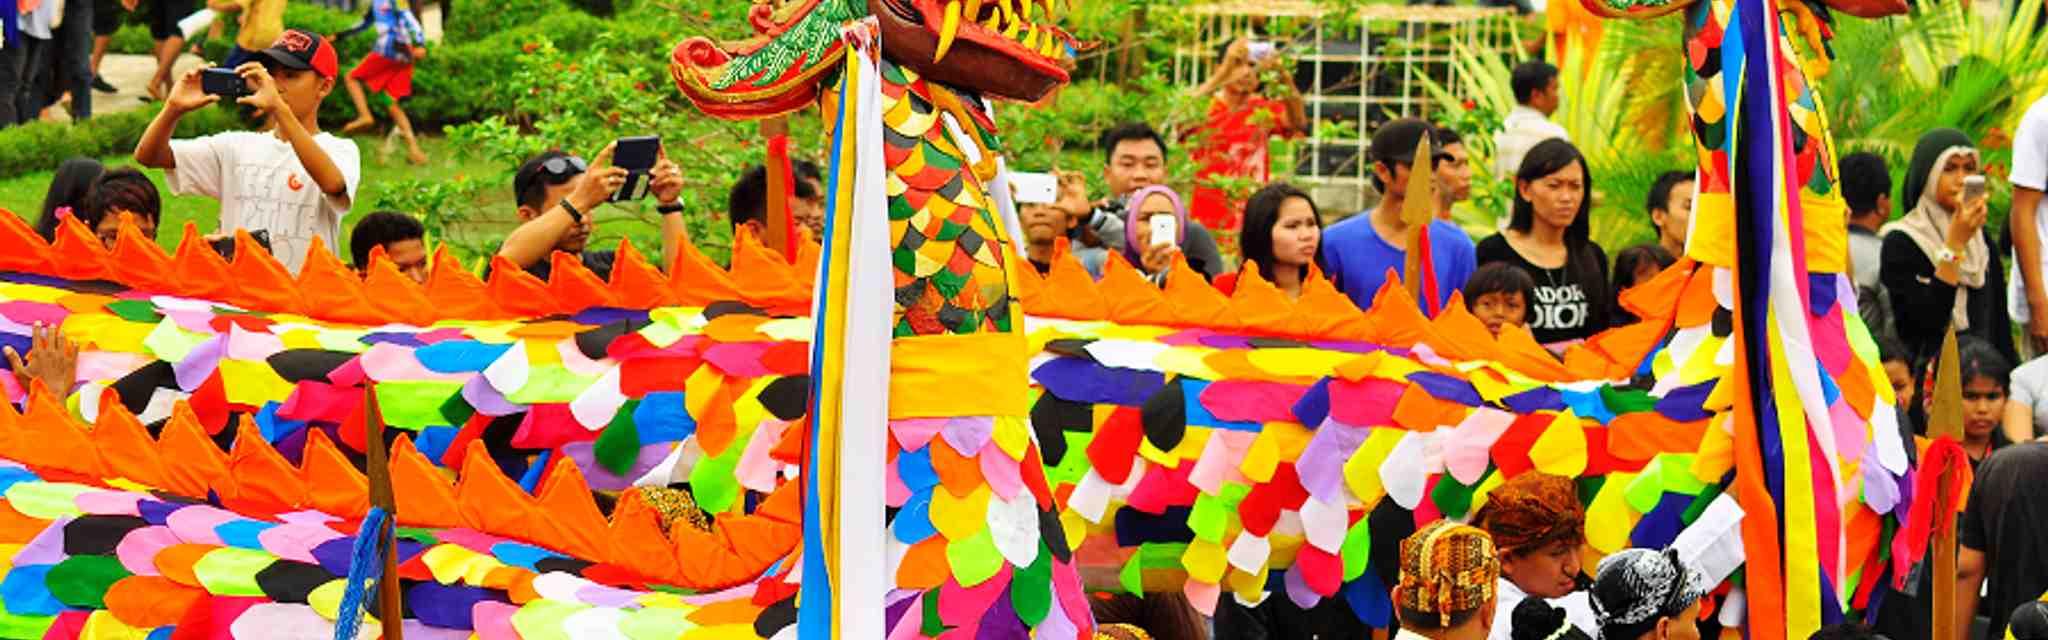 10 Destinasi Wisata Budaya di Indonesia untuk Kamu Jelajahi